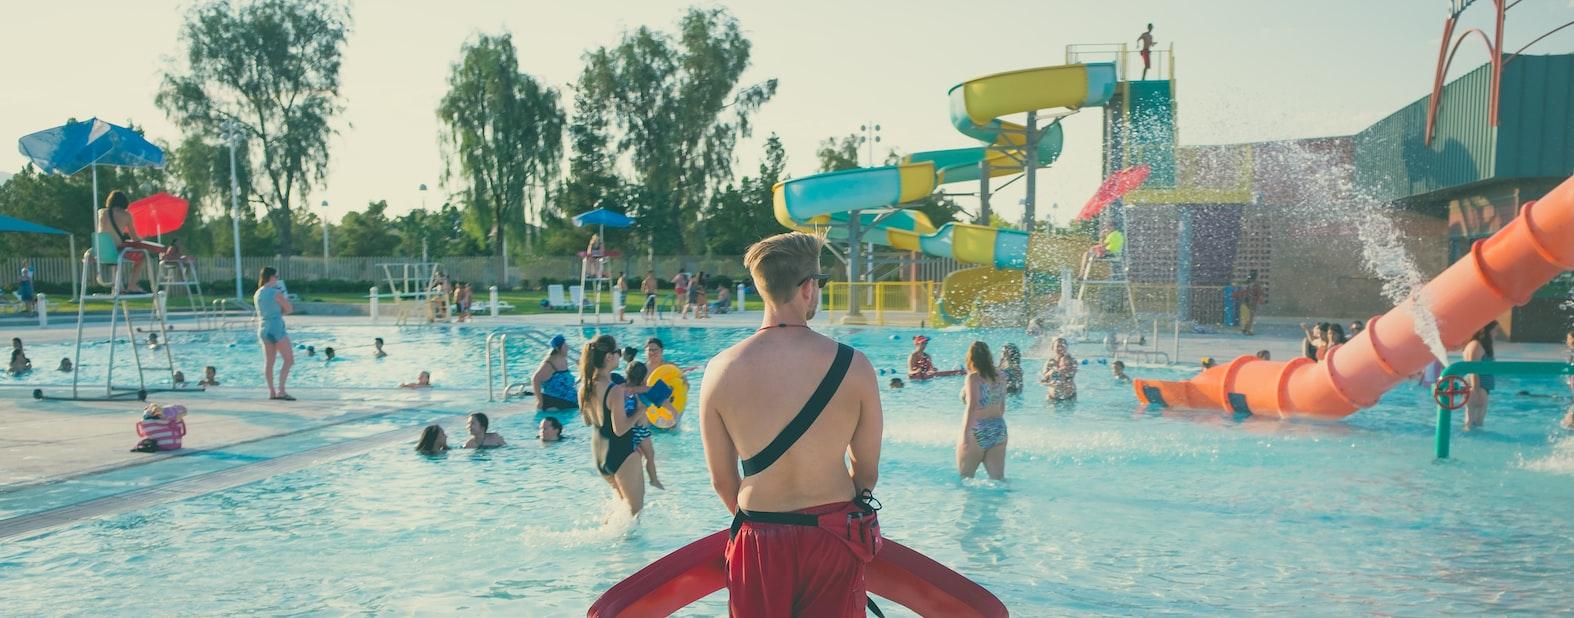 A guy in waterpark